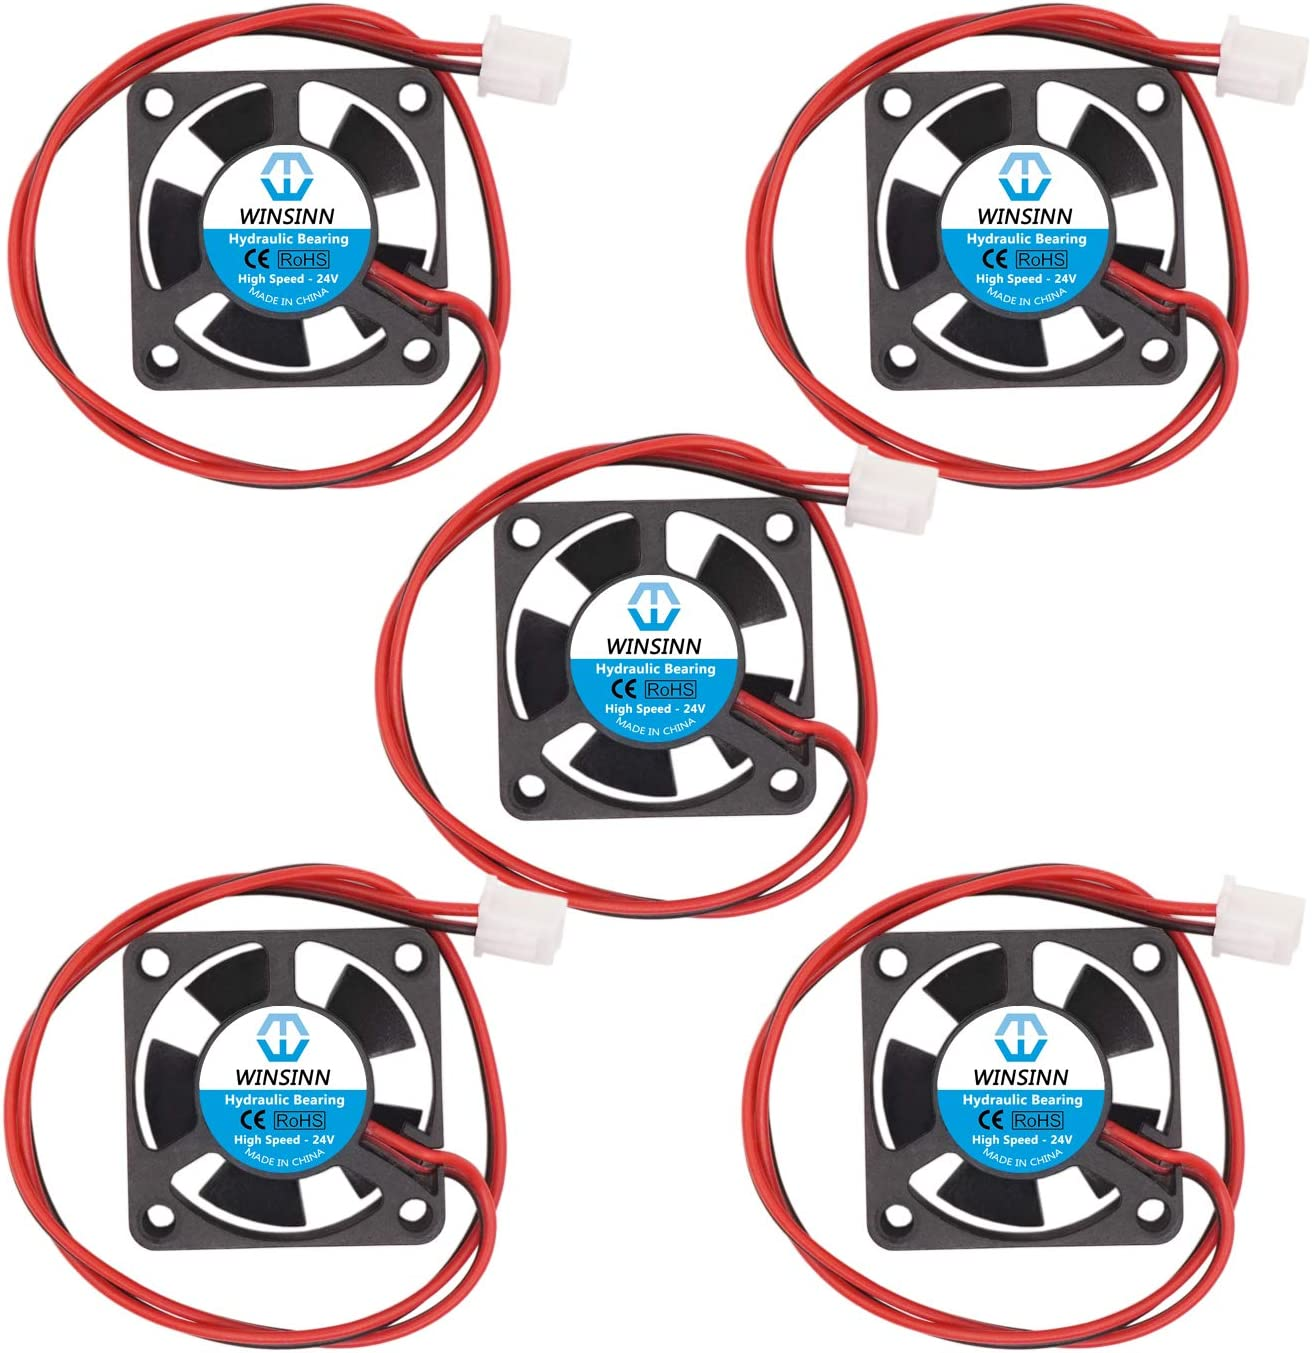 WINSINN 3010 4010 12 V 24 V DC silencioso ventilador de refrigeración 30 x 30 x 10 mm 40 x 40 x 10 mm para bricolaje 3D impresora extractor Hotend V6 V5 Makerbot MK7 MK8 CPU Arduino 3010 24V